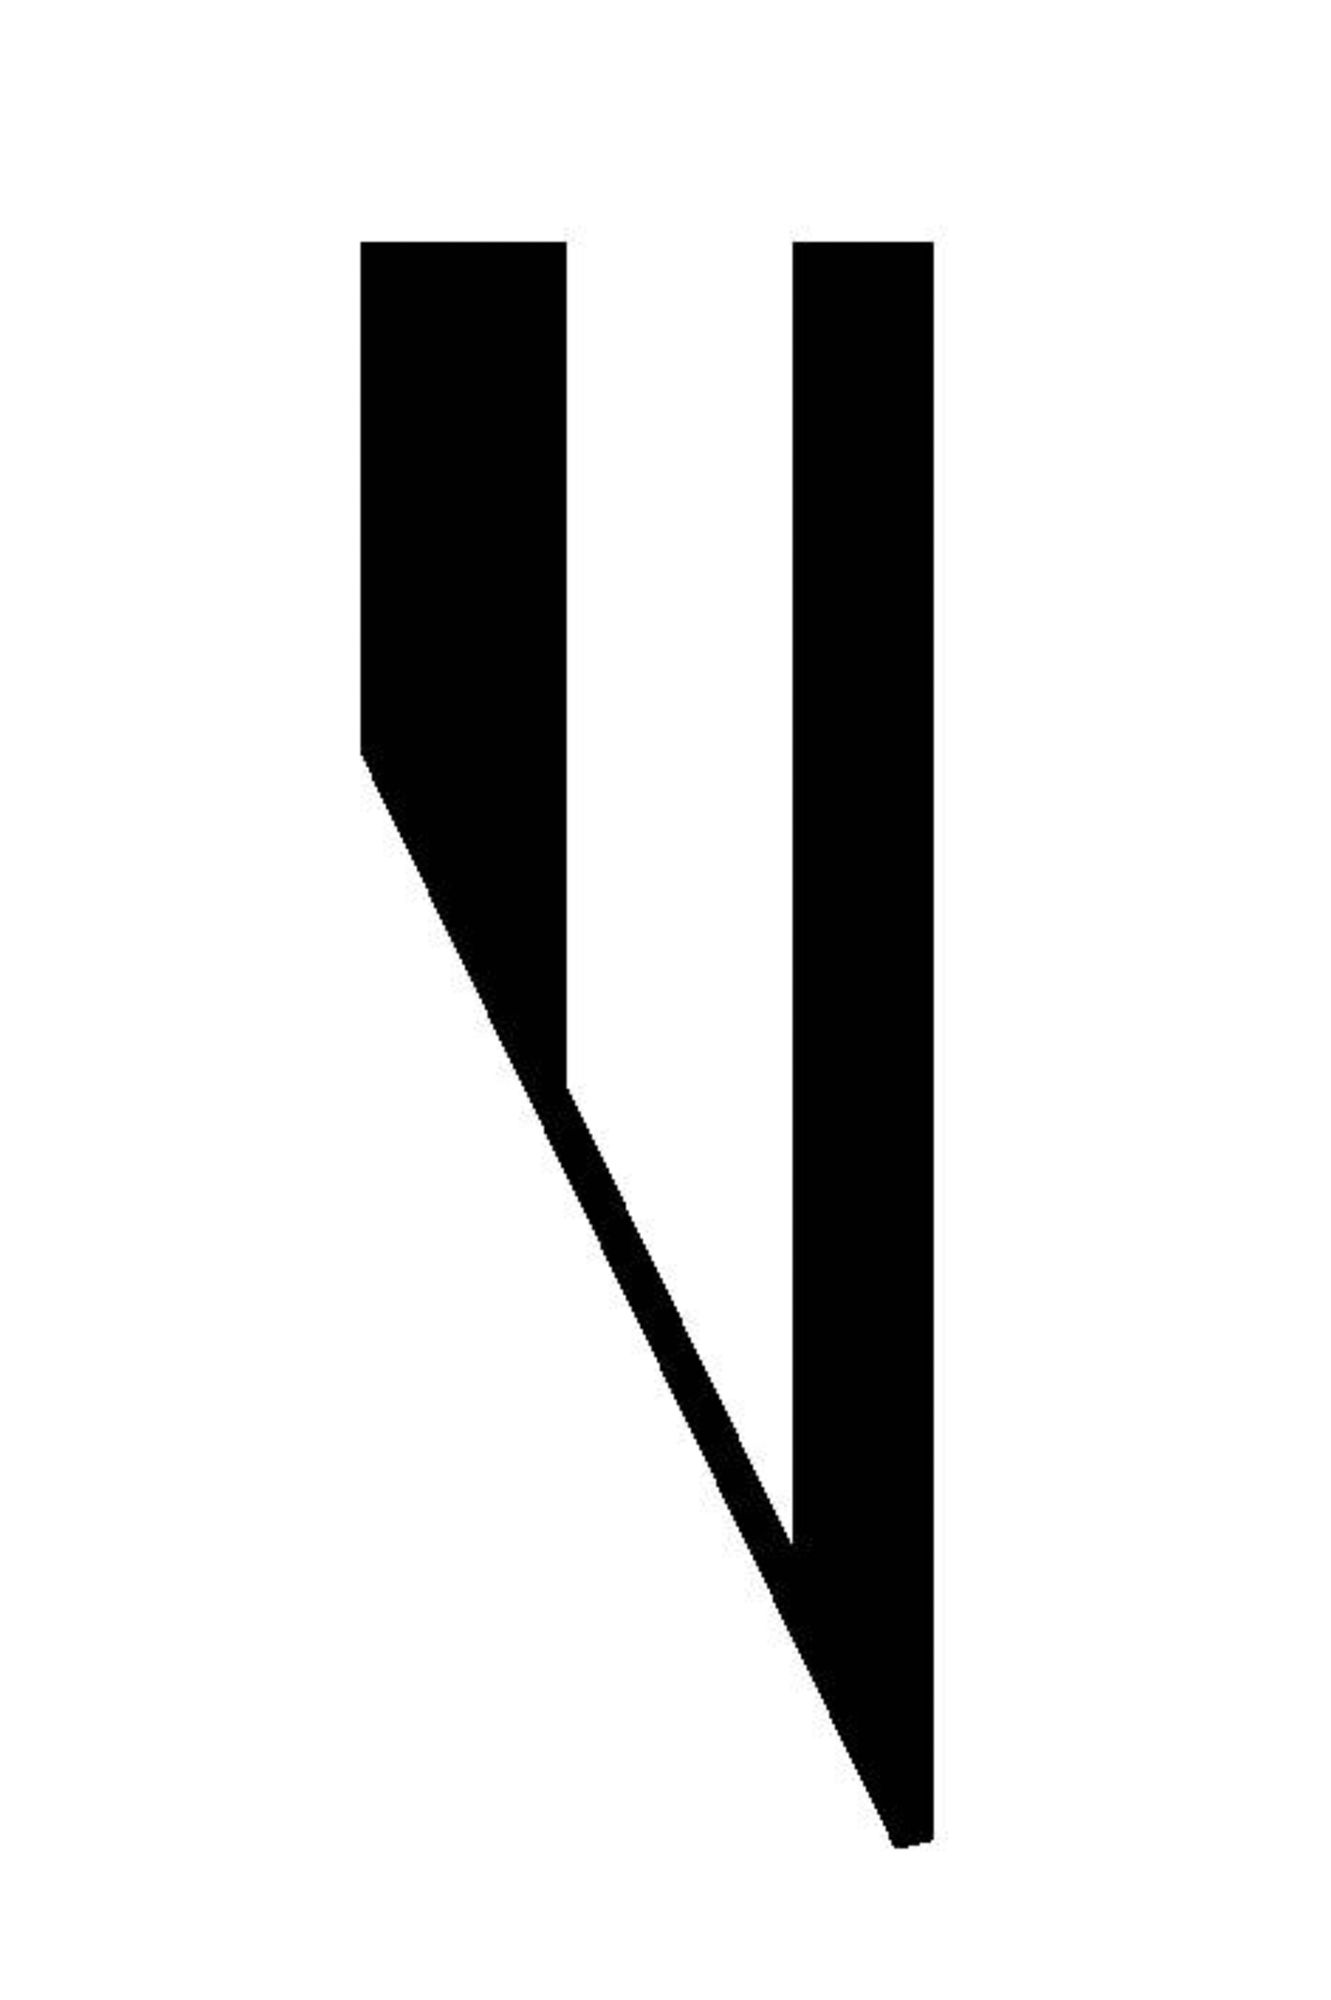 jp_probe_type2.tif